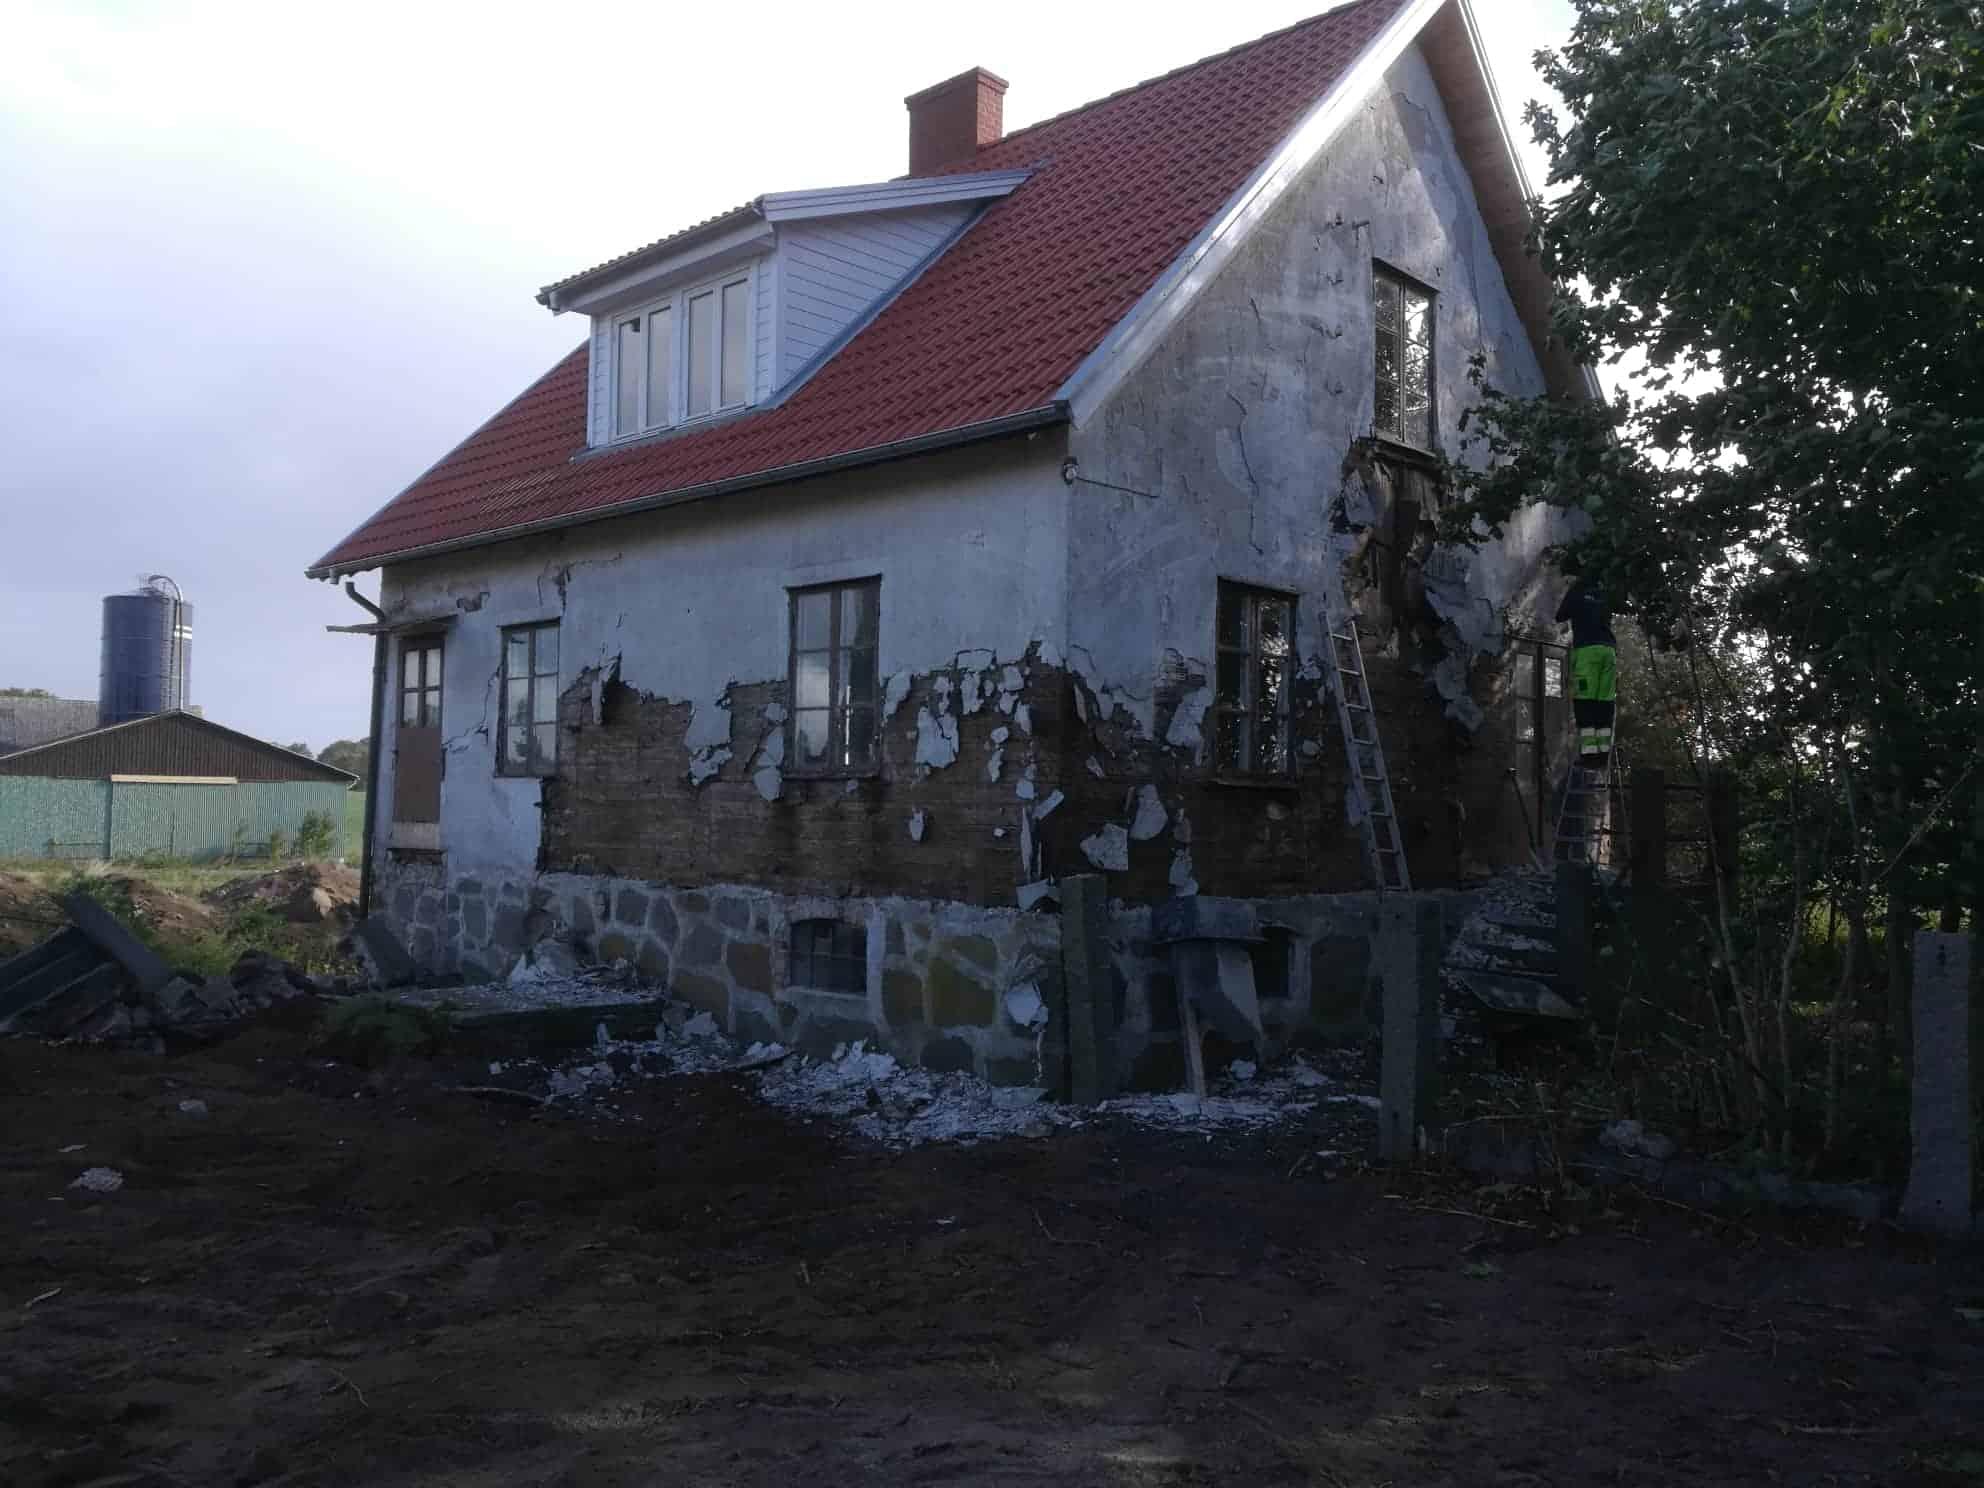 """Referensjobb """"Husrenovering före."""" utfört av TZM Bygg & renovering AB"""